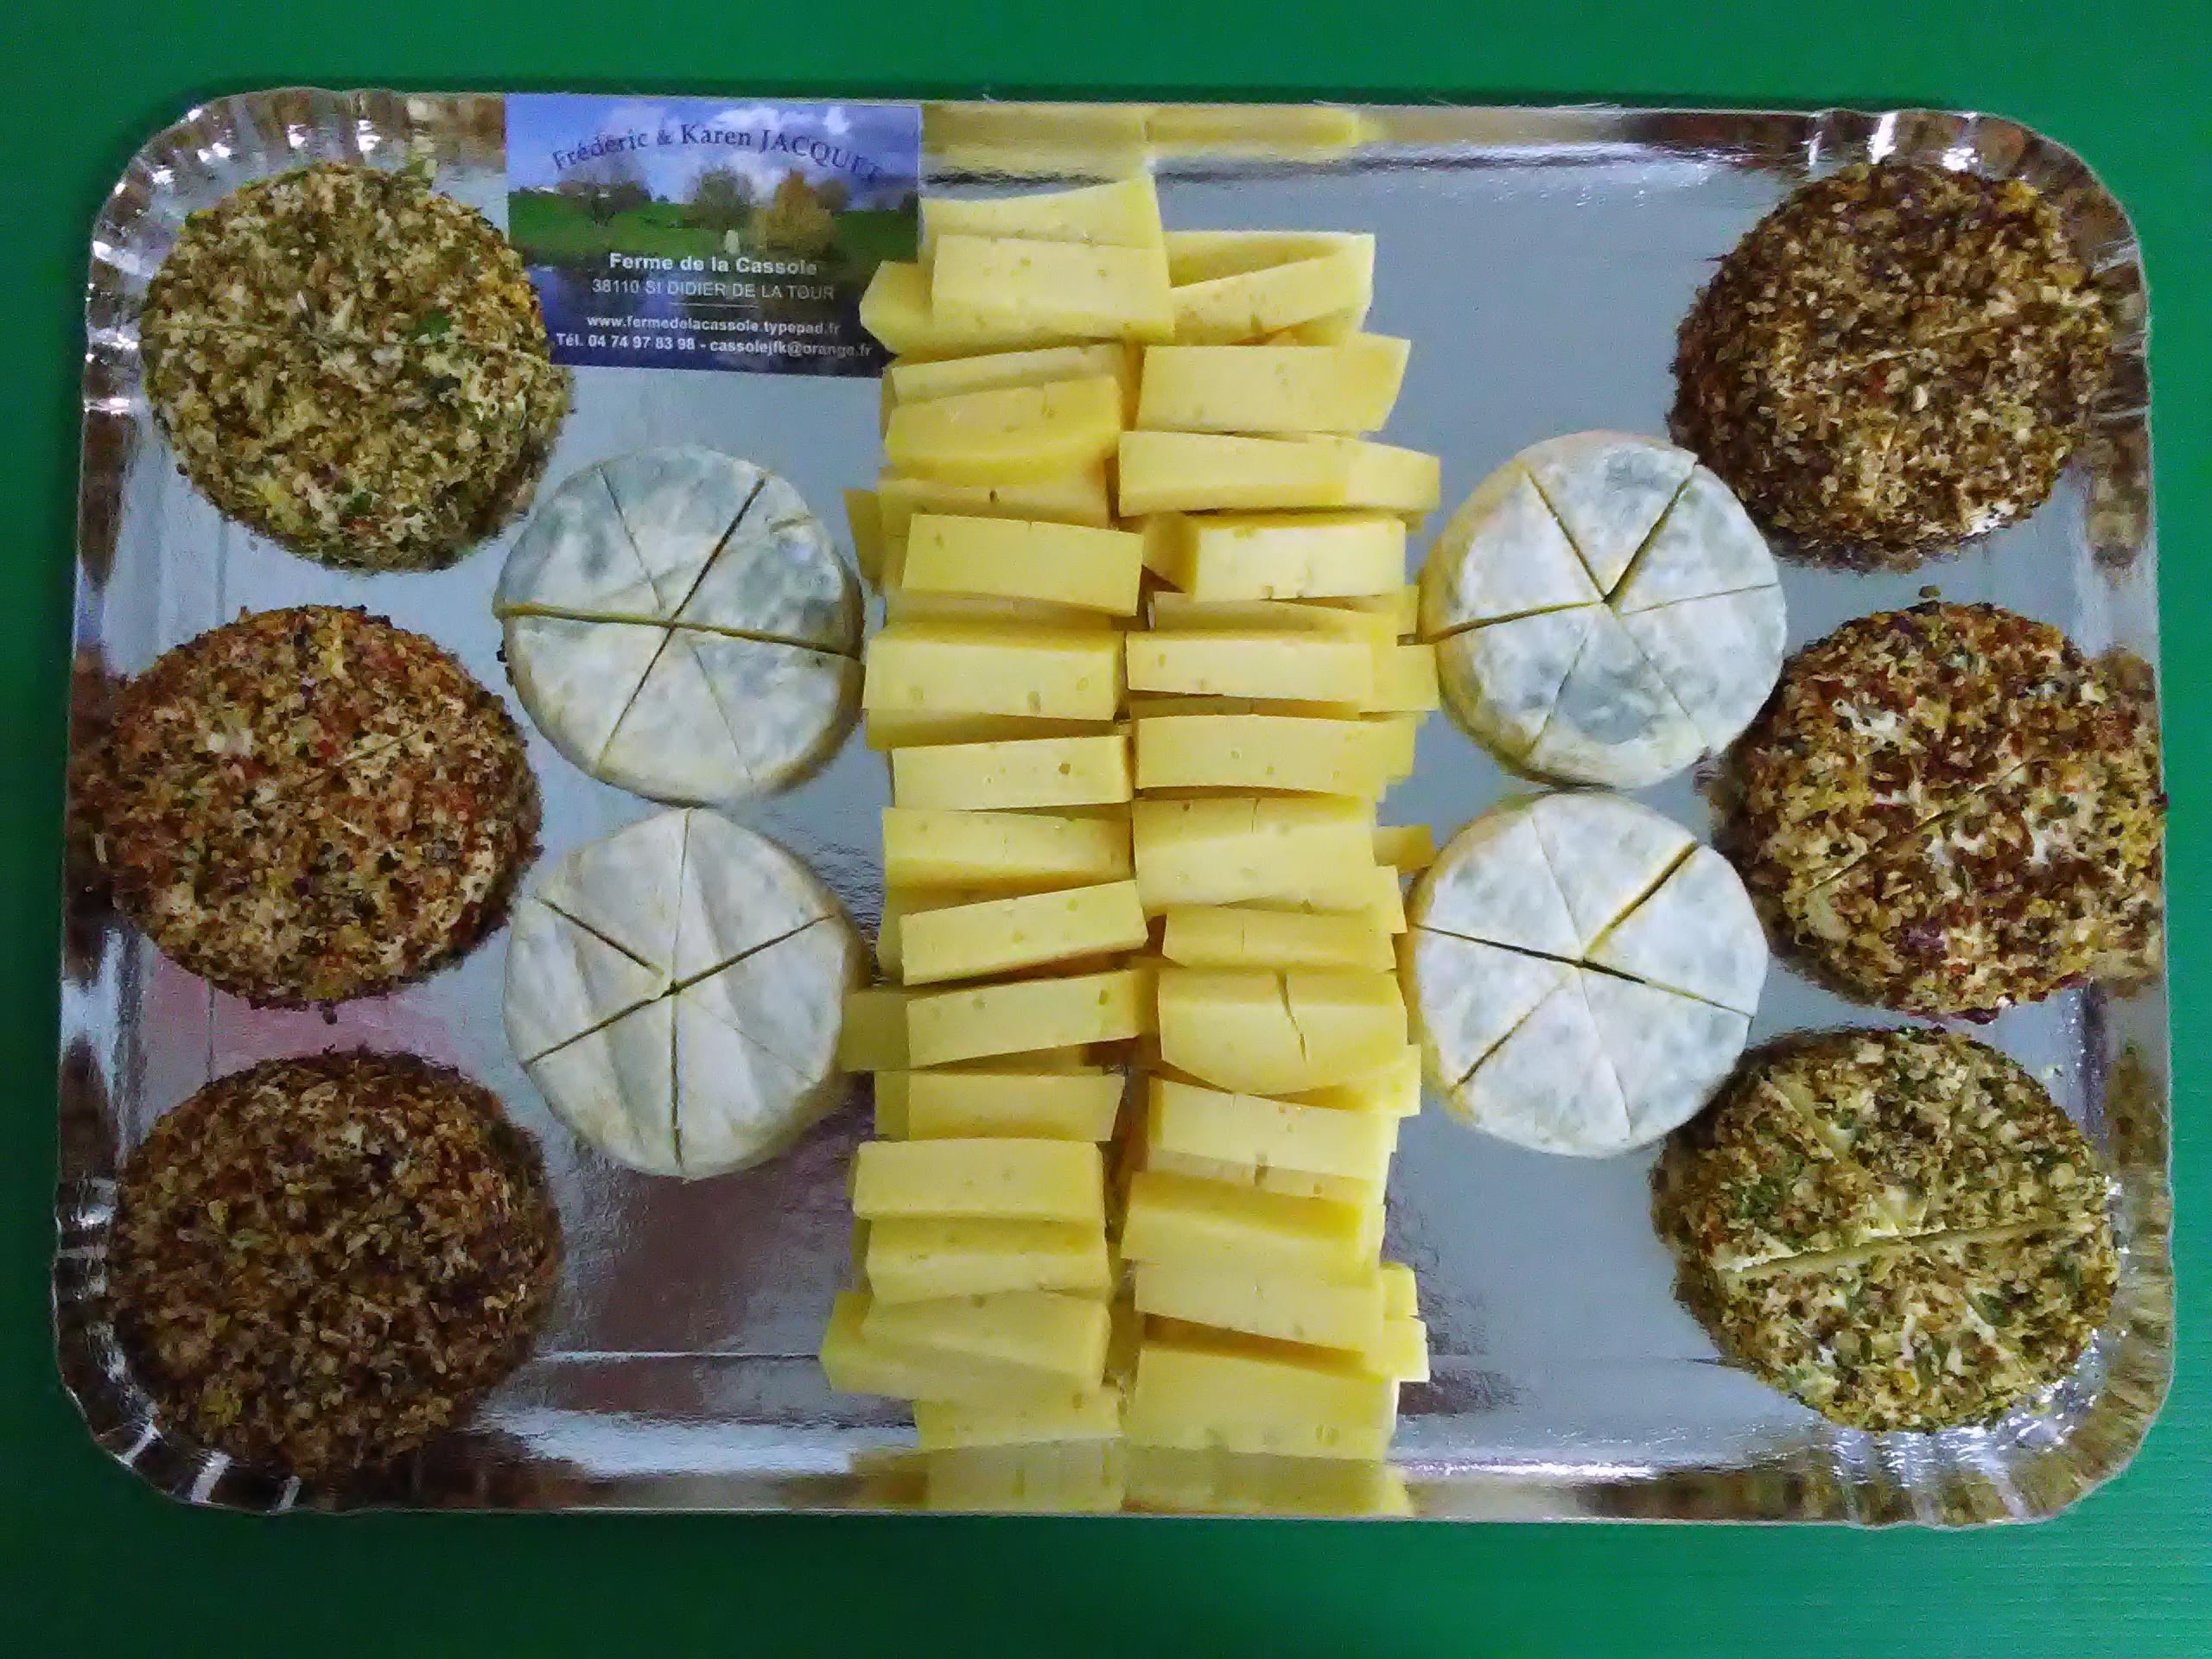 plateau de fromages ferme de la Cassole